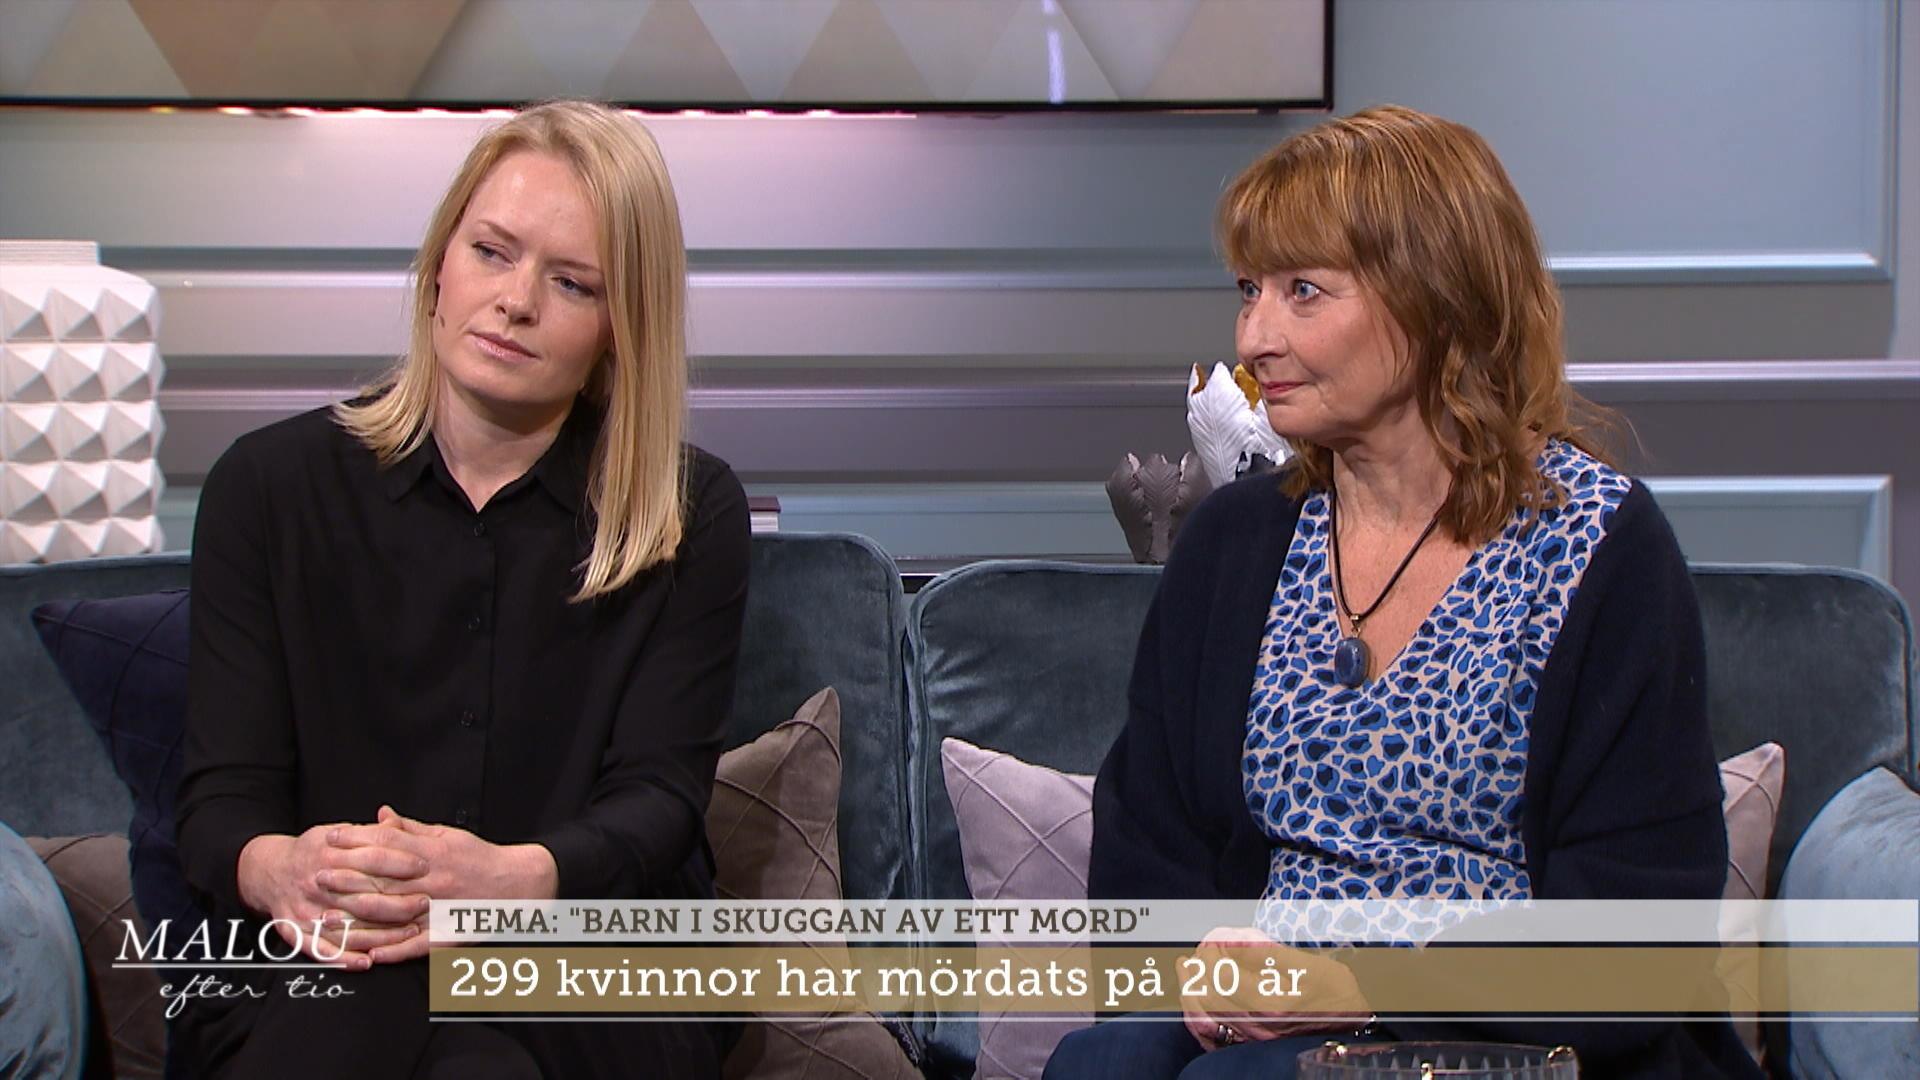 Chatta och dejta online i Halmstad | Trffa kvinnor och mn i